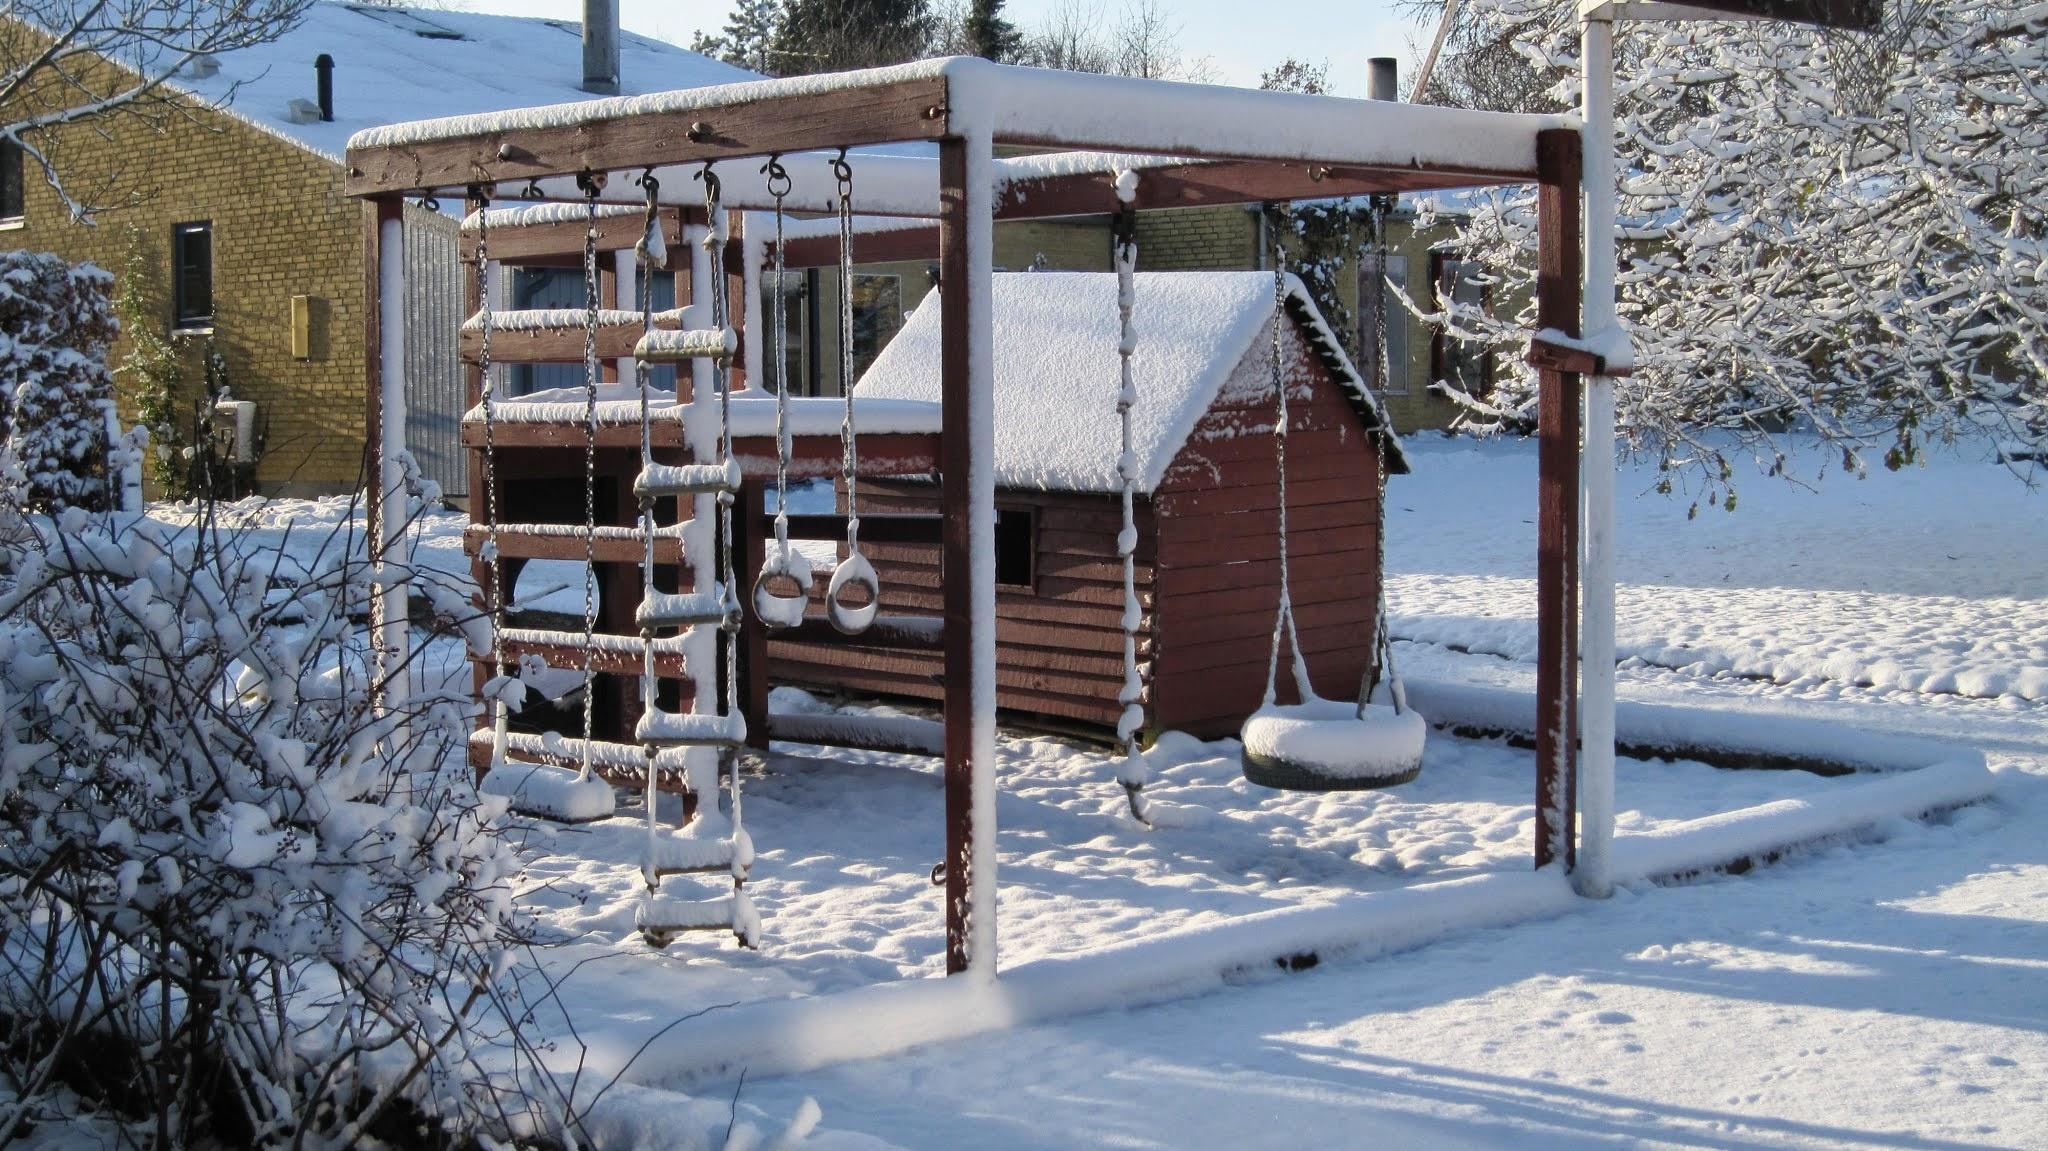 Vinterbillede af legehuset i bofællesskabet Nonbo Hede